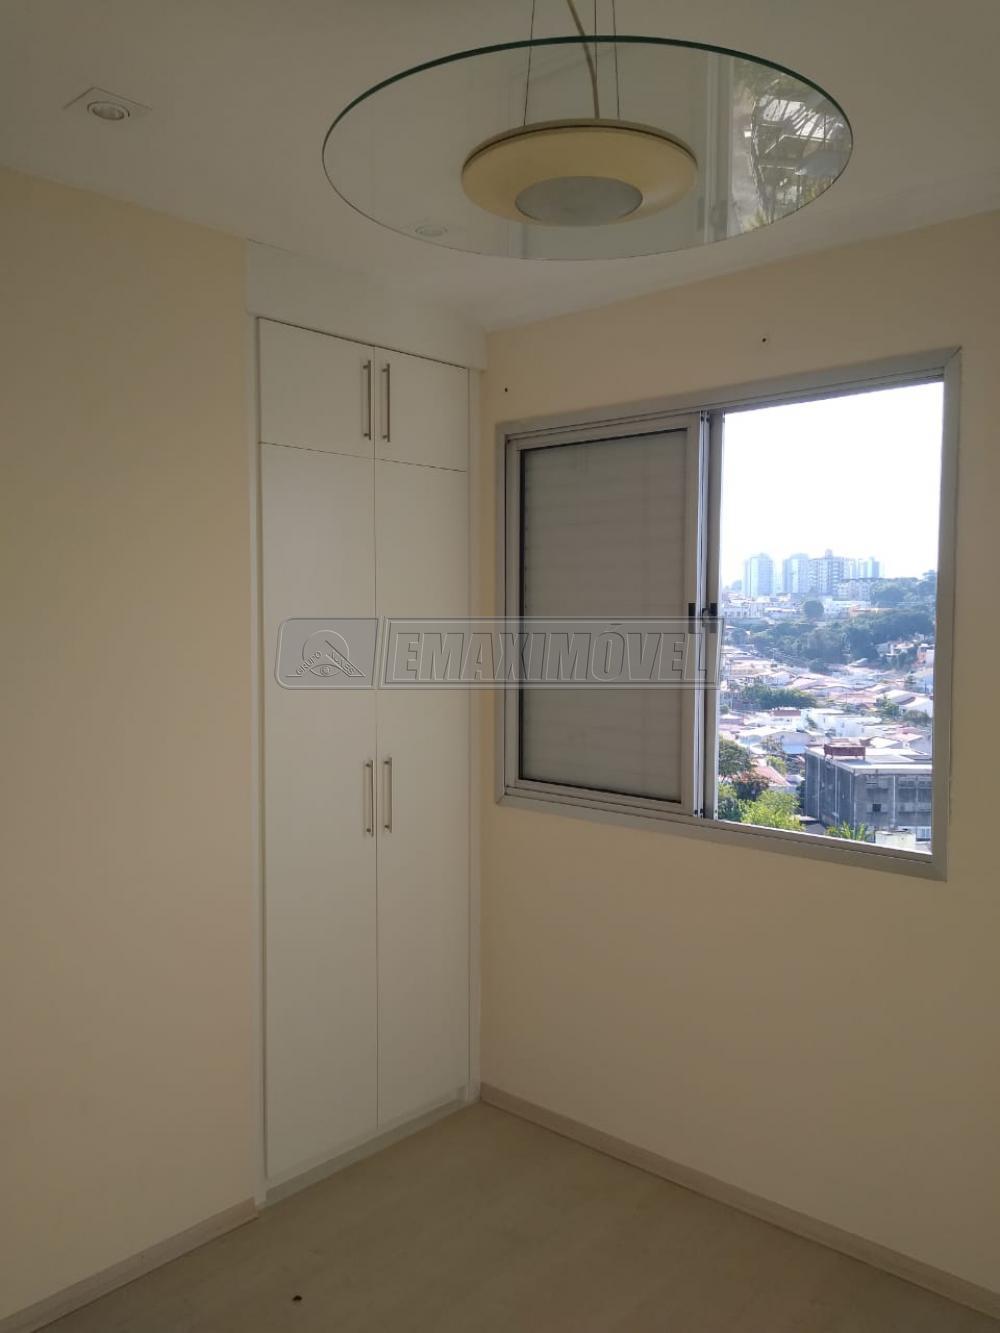 Comprar Apartamento / Padrão em Sorocaba R$ 1.166.000,00 - Foto 13